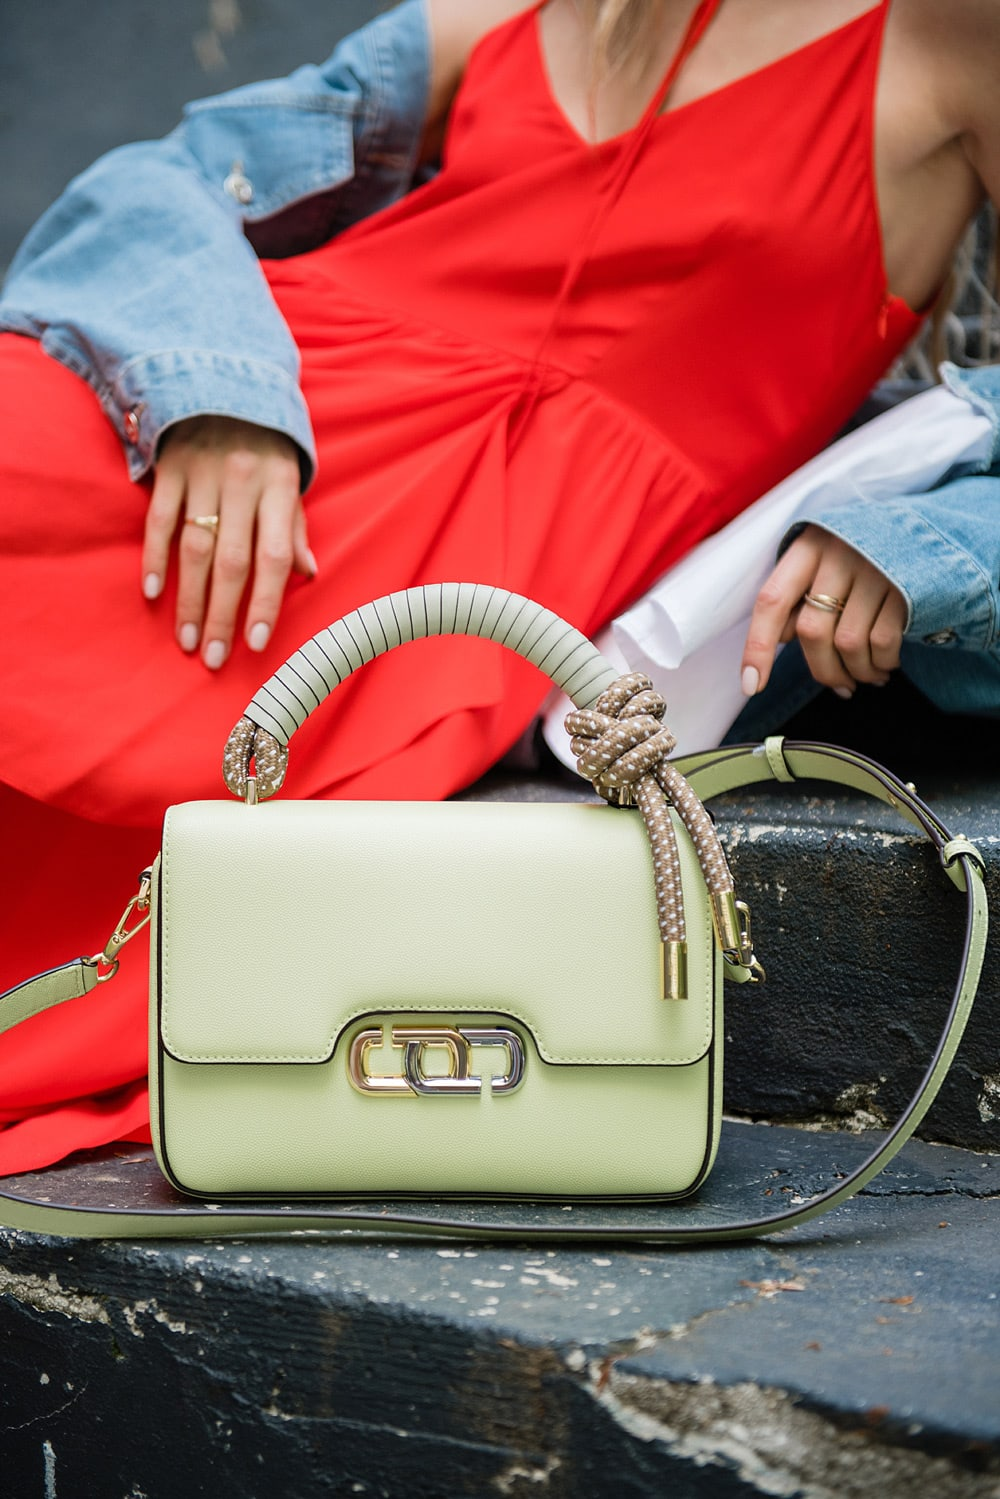 Modni editorijal: Karla cipele i torbe i Twinset modni favoriti za proljeće/ljeto 2021.